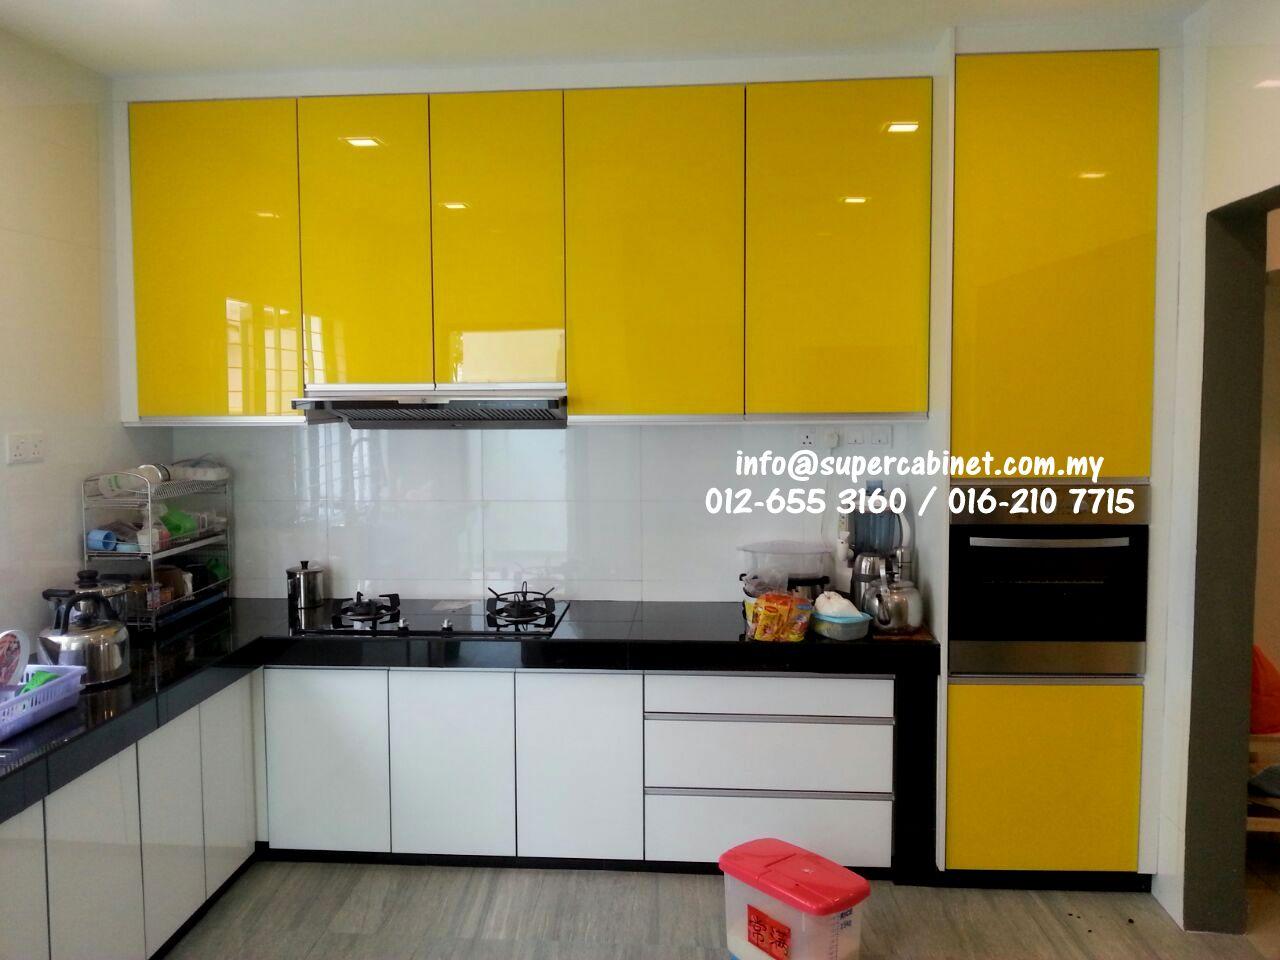 Kitchen Cabinet Super Cabinet Sdn Bhd